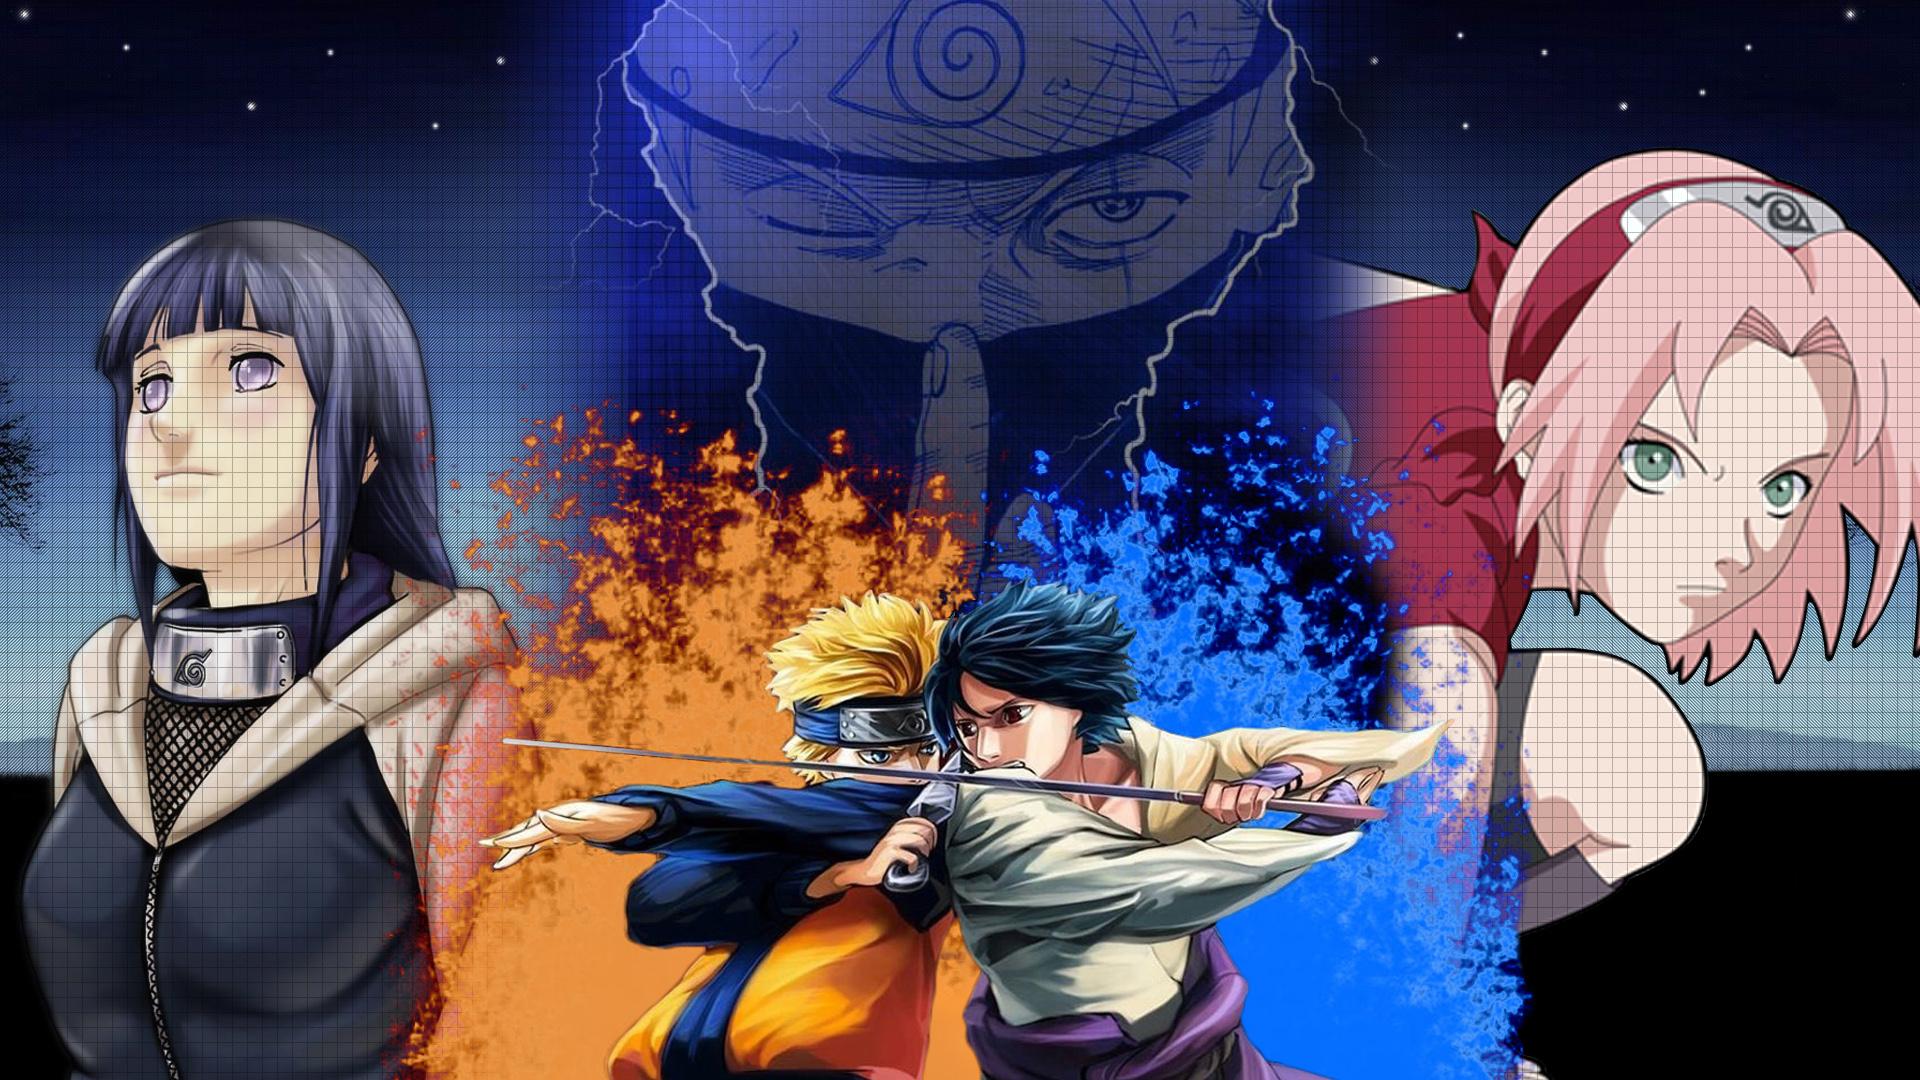 Hinata Naruto Sasuke Sakura Kakashi Wallpaper Naruto Naruto Hinata Sasuke Sakura 970x545 Download Hd Wallpaper Wallpapertip